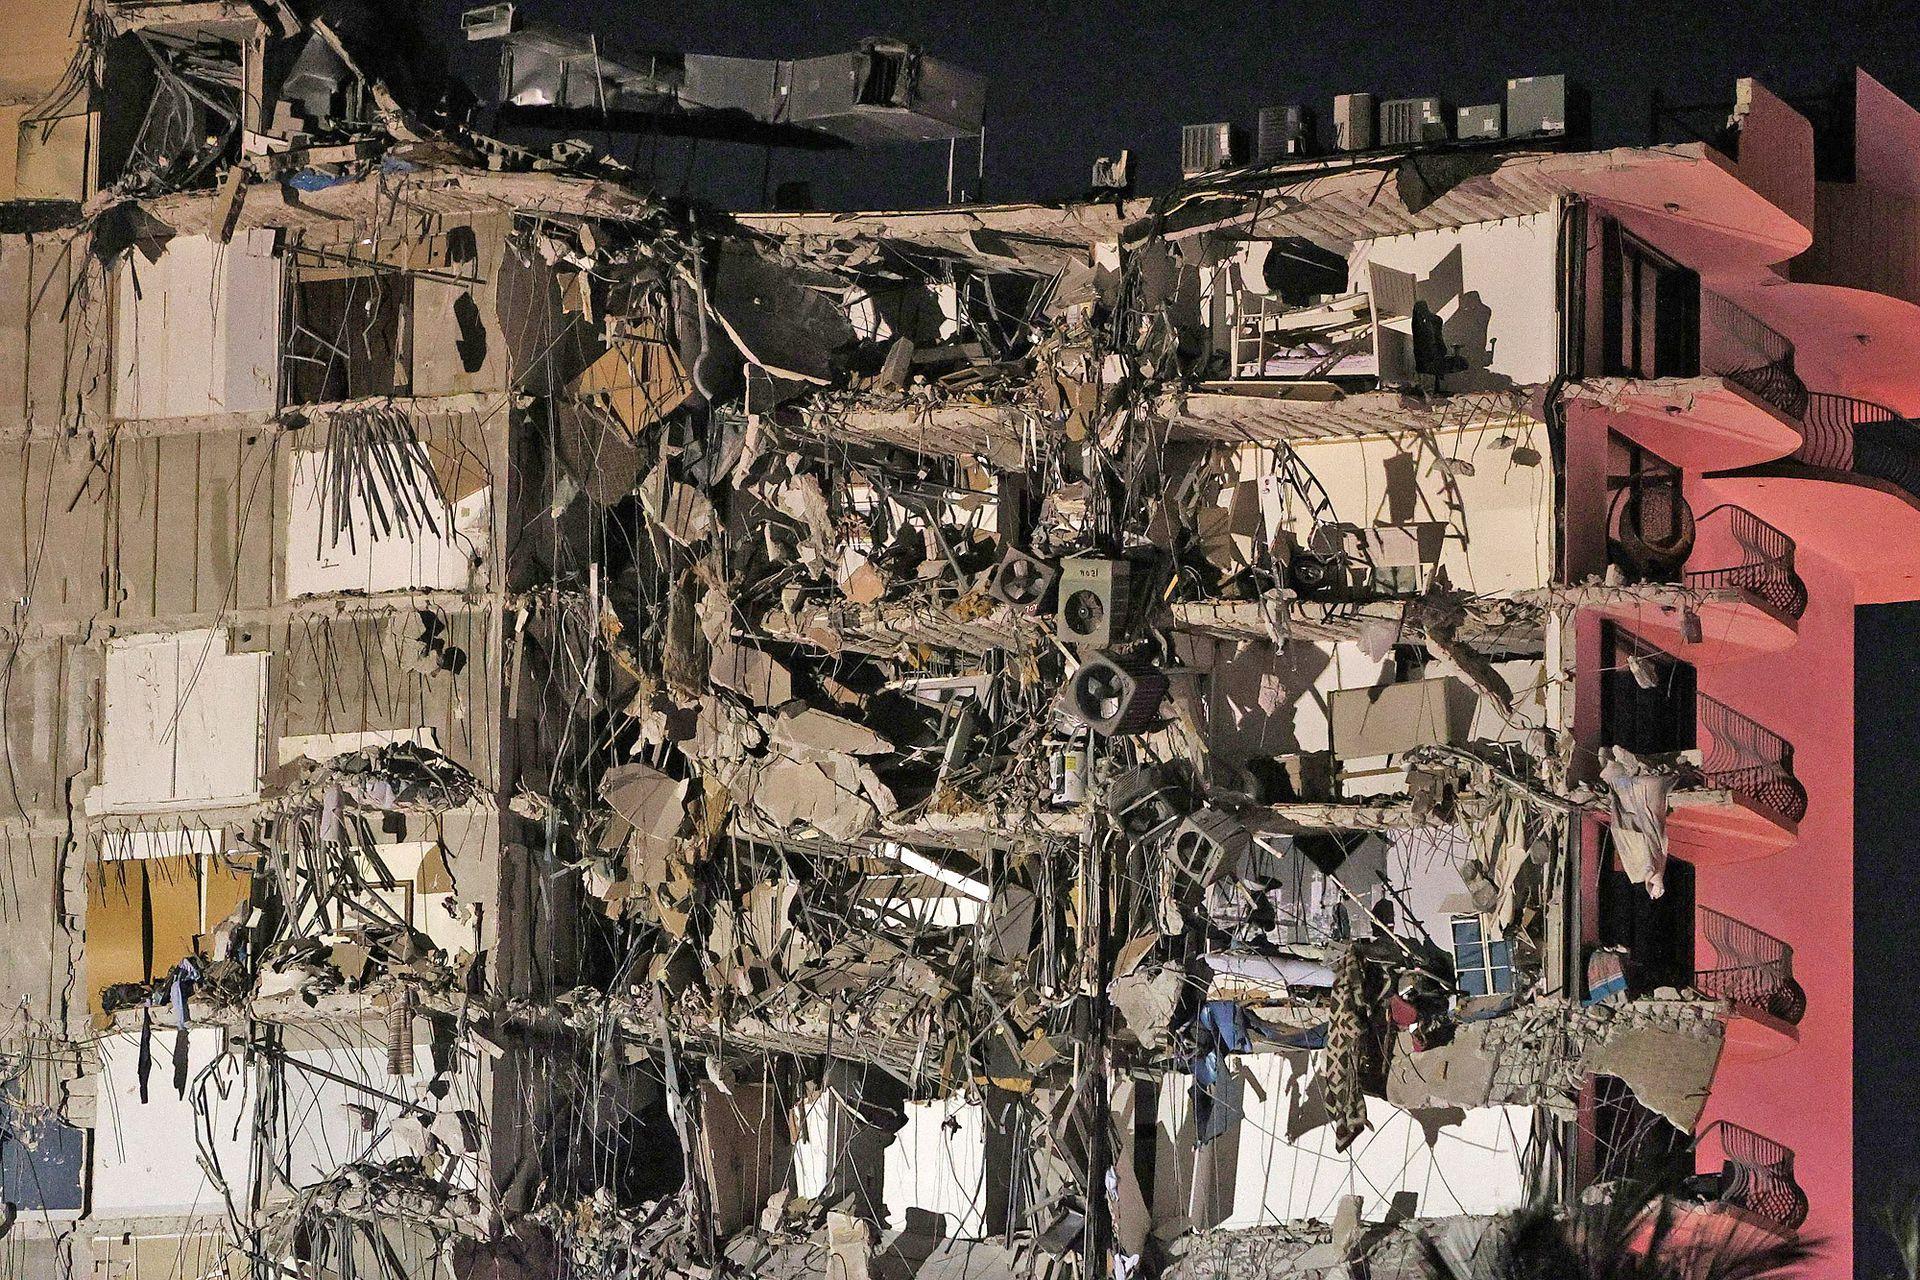 El colapso se produjo cuando la mayoría de los vecinos dormía. La torre de condominios se derrumbó, fue en la ciudad de Surfside